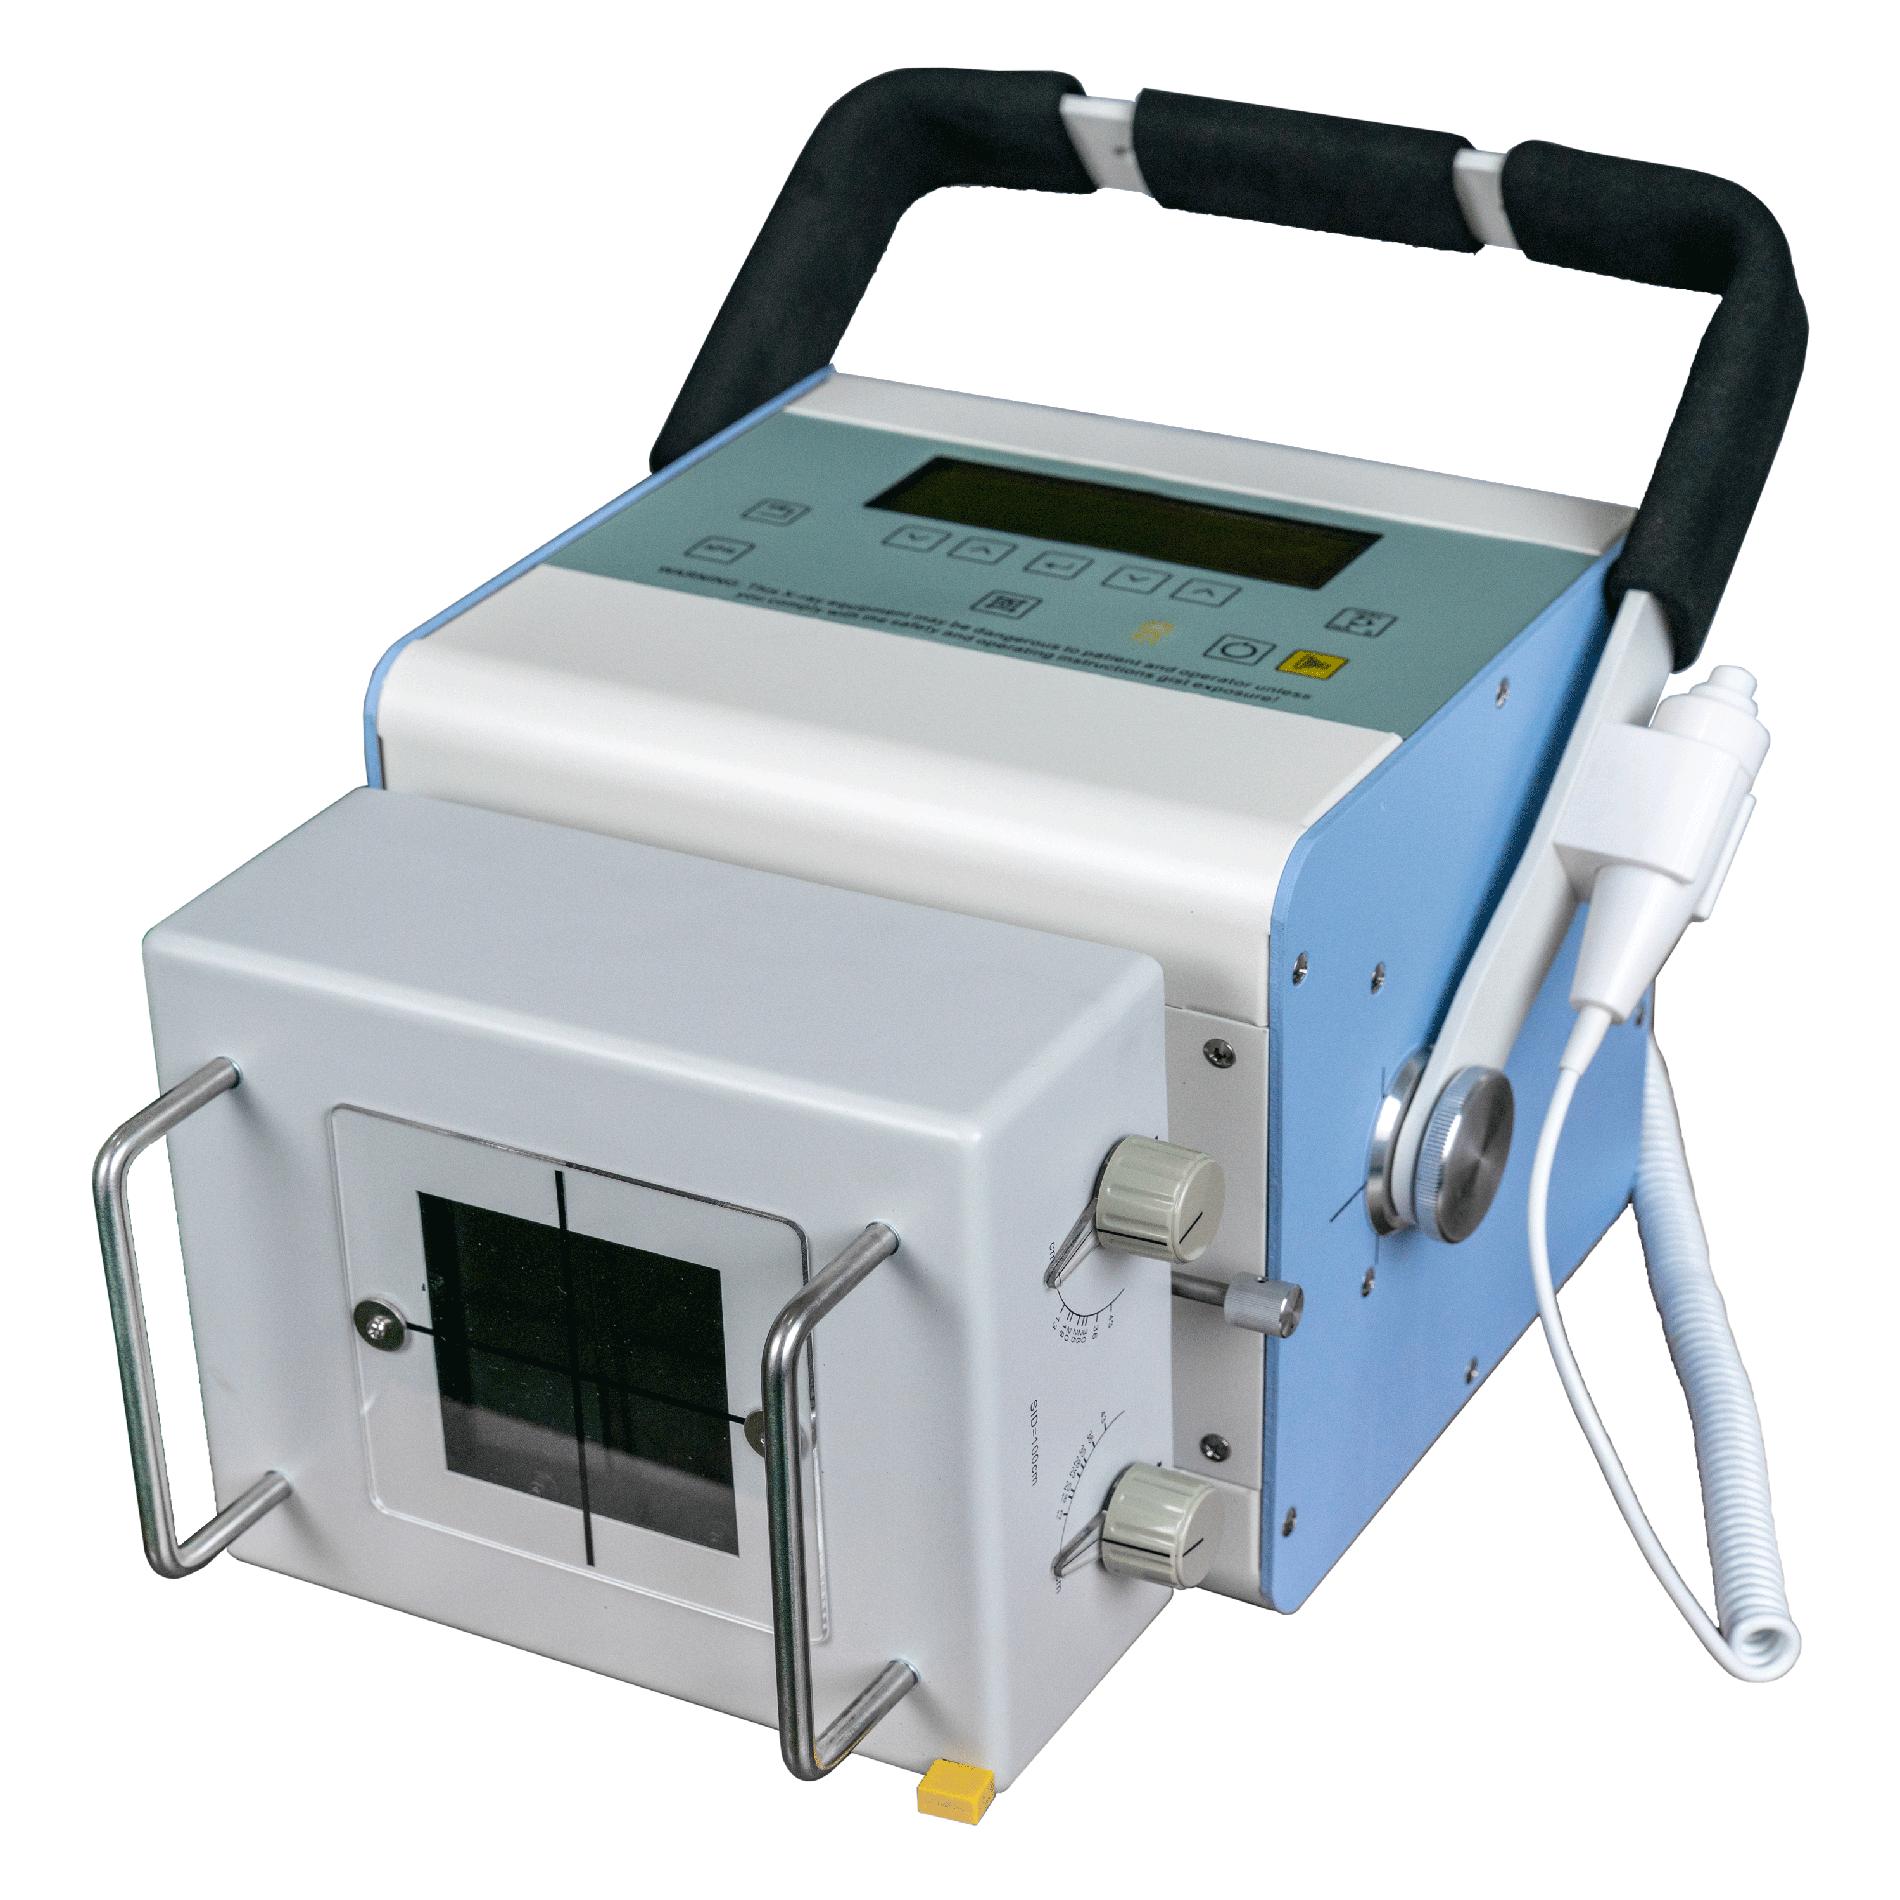 跃龙 YOLONG 便携式高频X射线机 XR50RP(4寸按键屏)